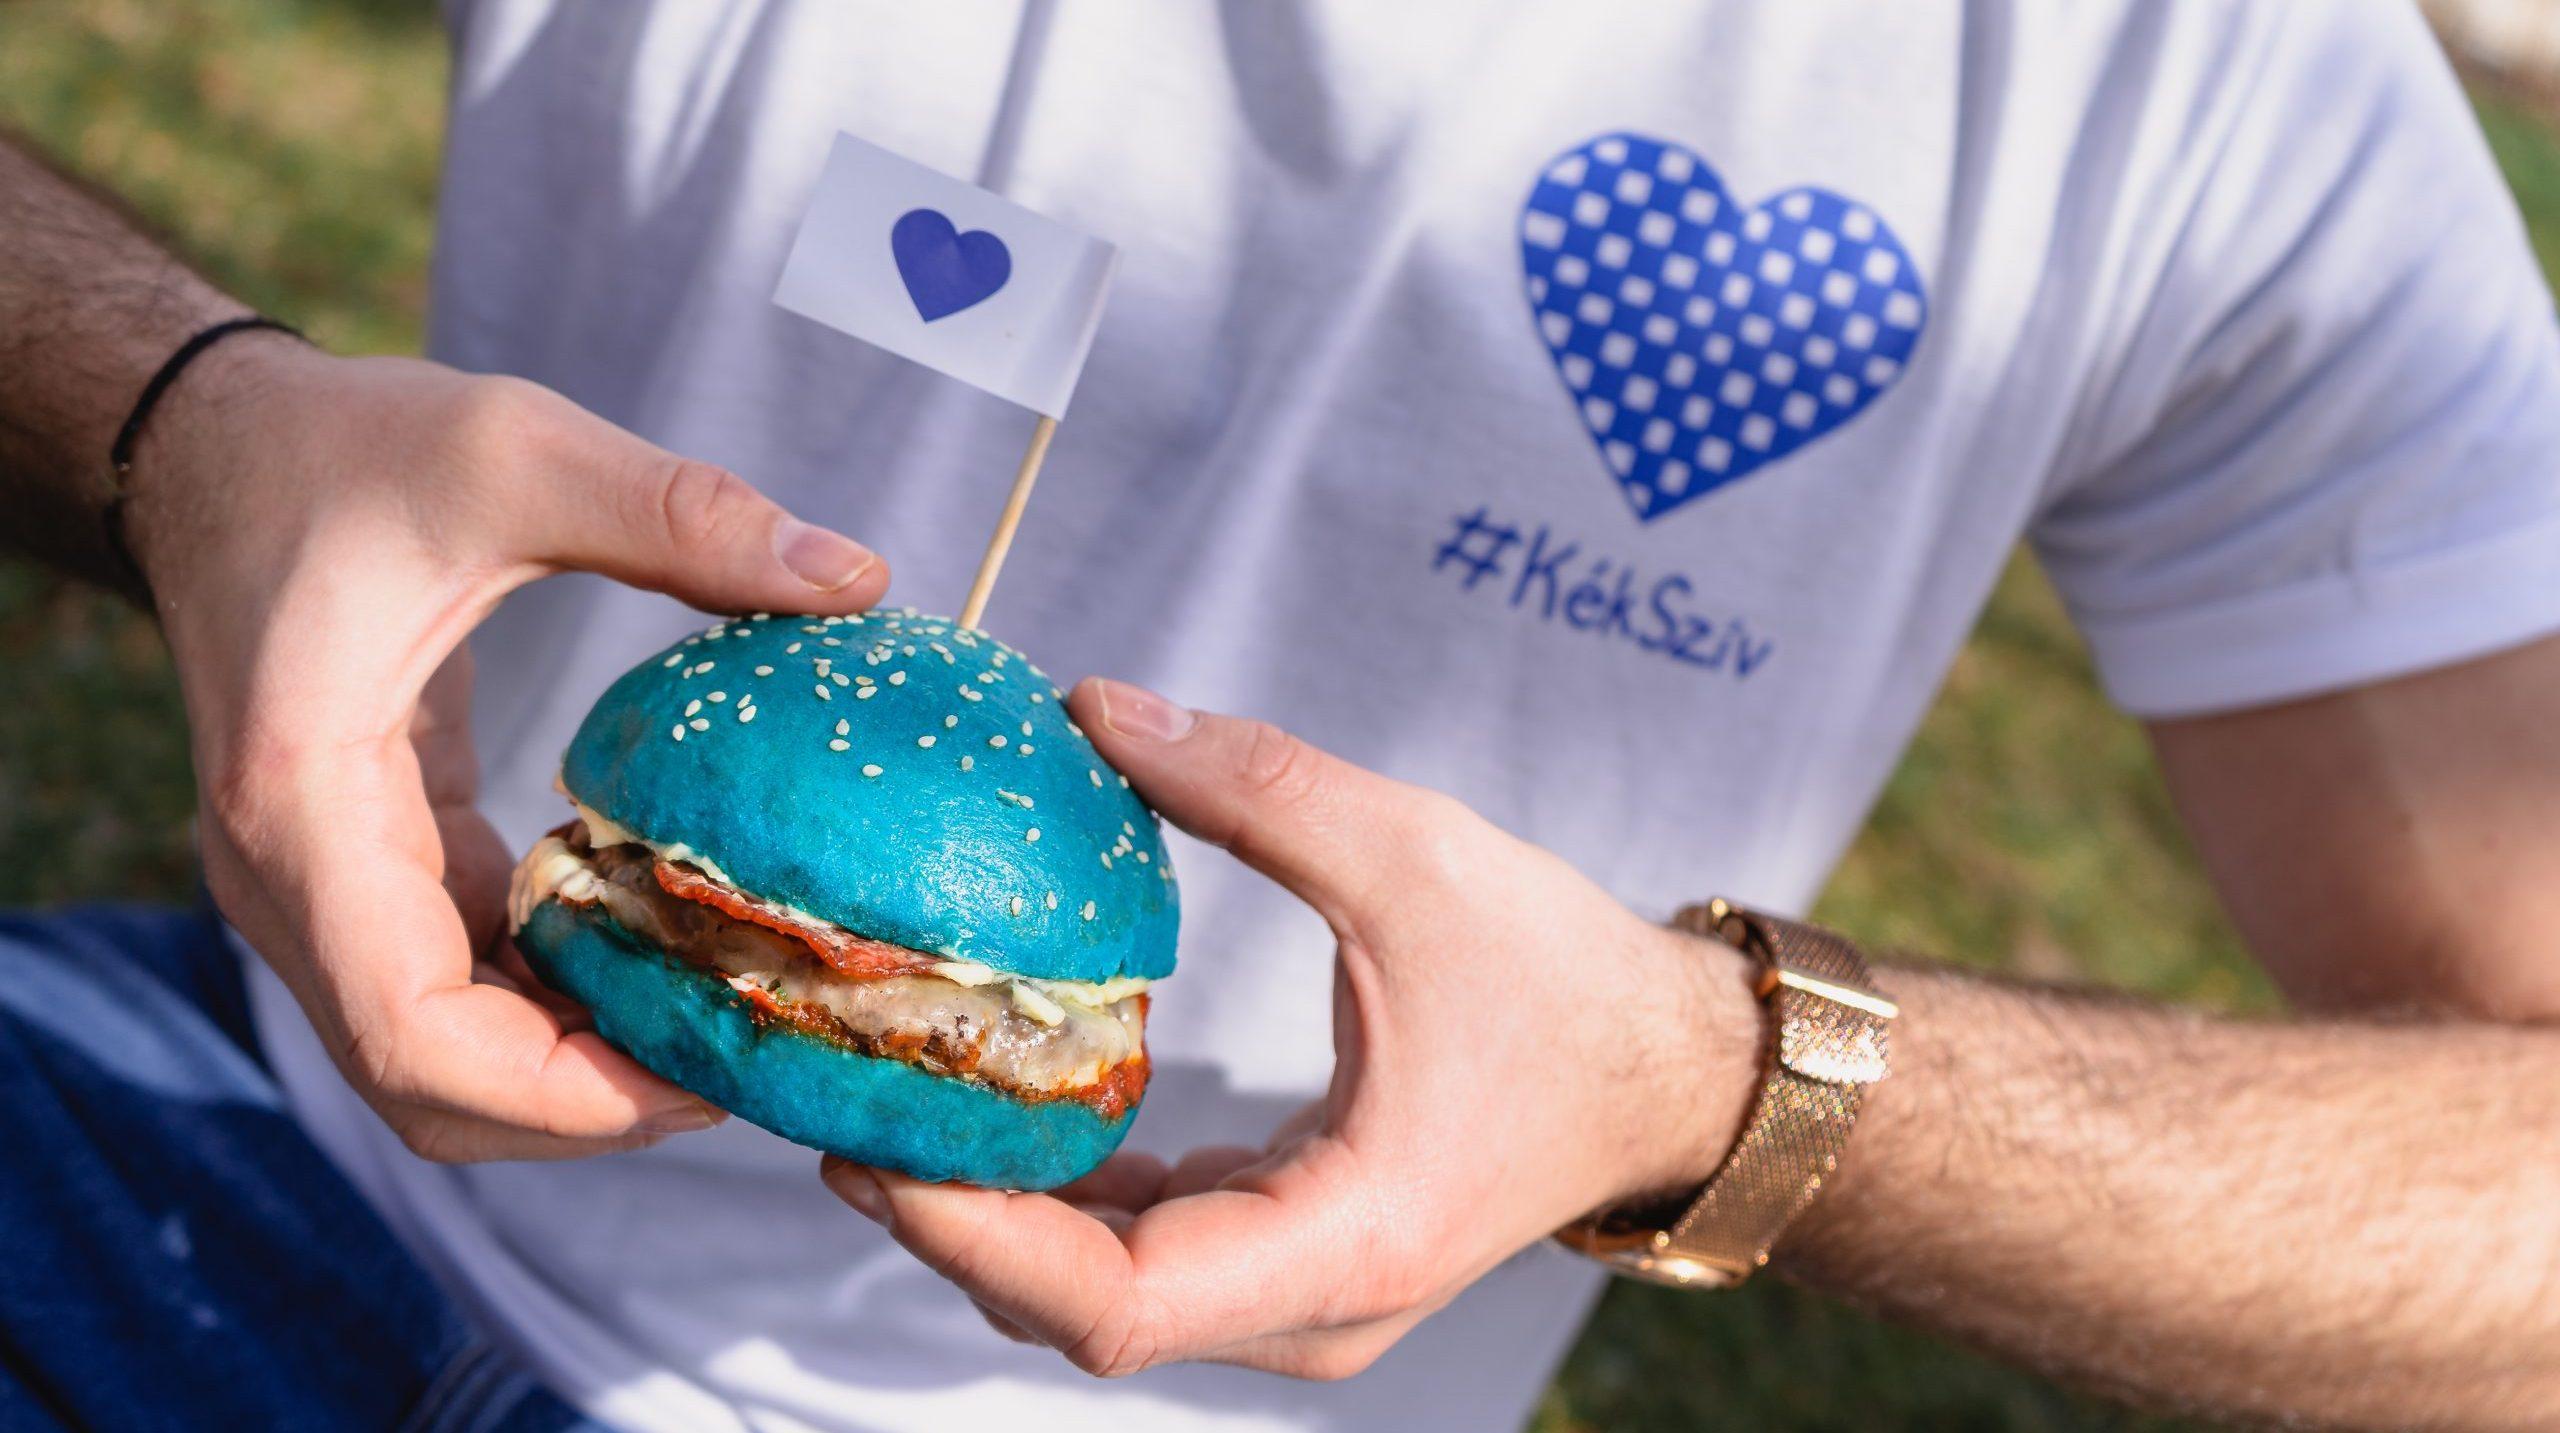 Kék hamburgerrel az autizmussal élőkért